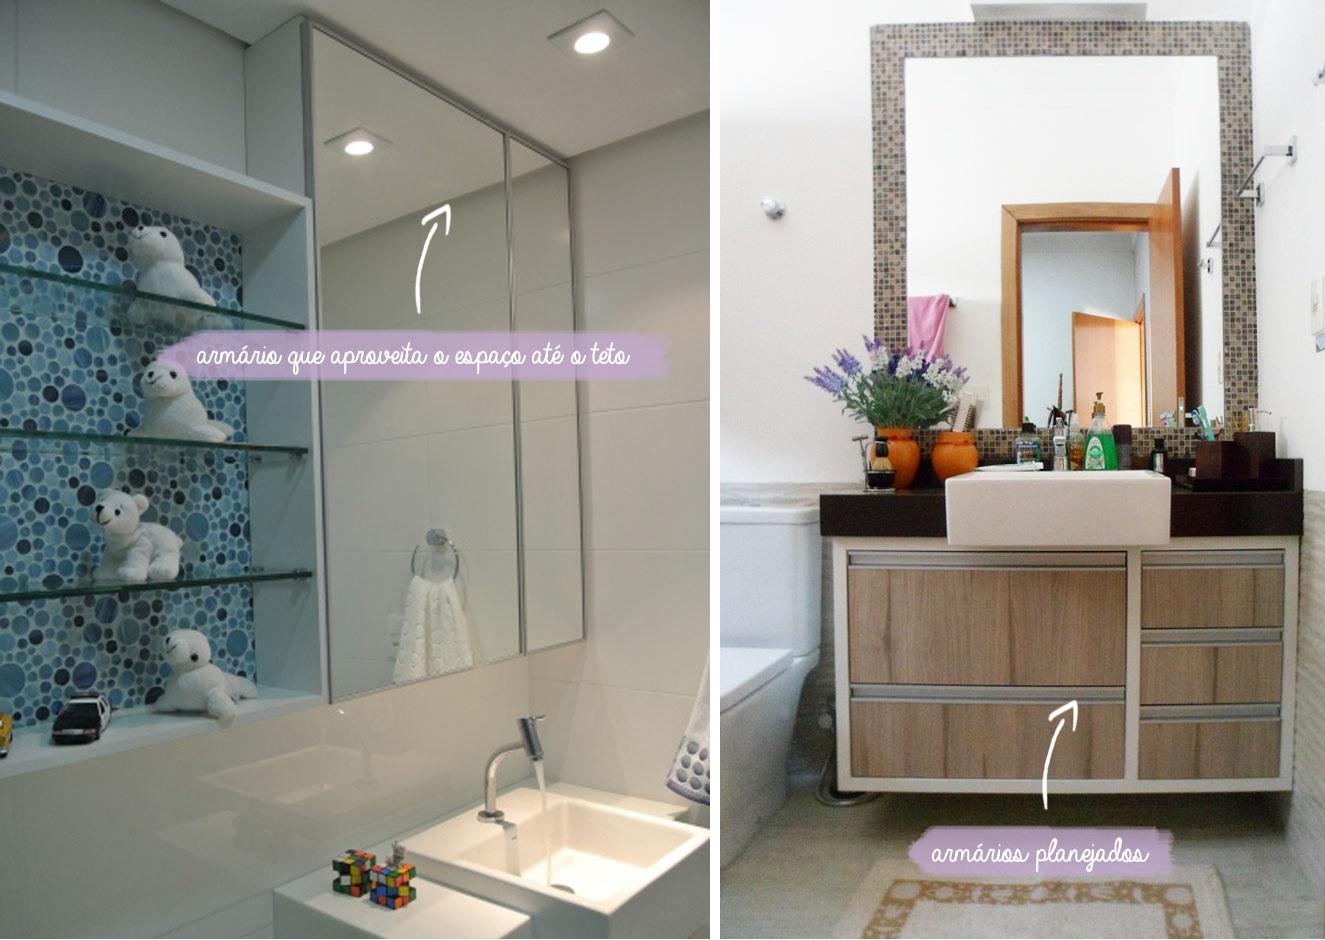 #6C4A31 banheiros pequenos planejados banheiros pequenos banheiros pequenos 1325x940 px Banheiros Pequenos E Planejados 319